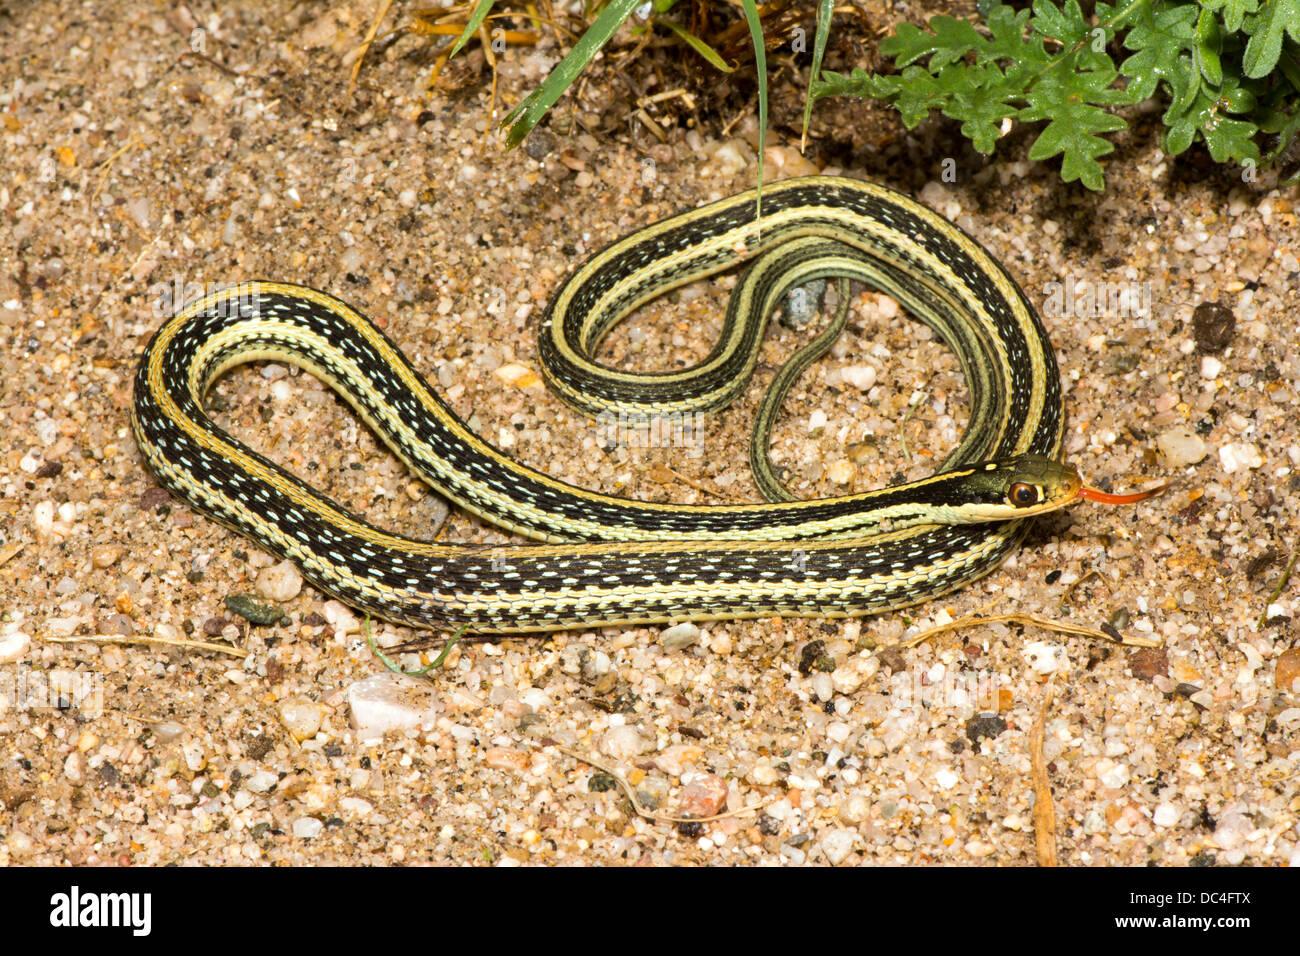 Cinta occidental Serpiente Thamnophis proximus origen desconocido 21 de julio adulto Colubridae Imagen De Stock